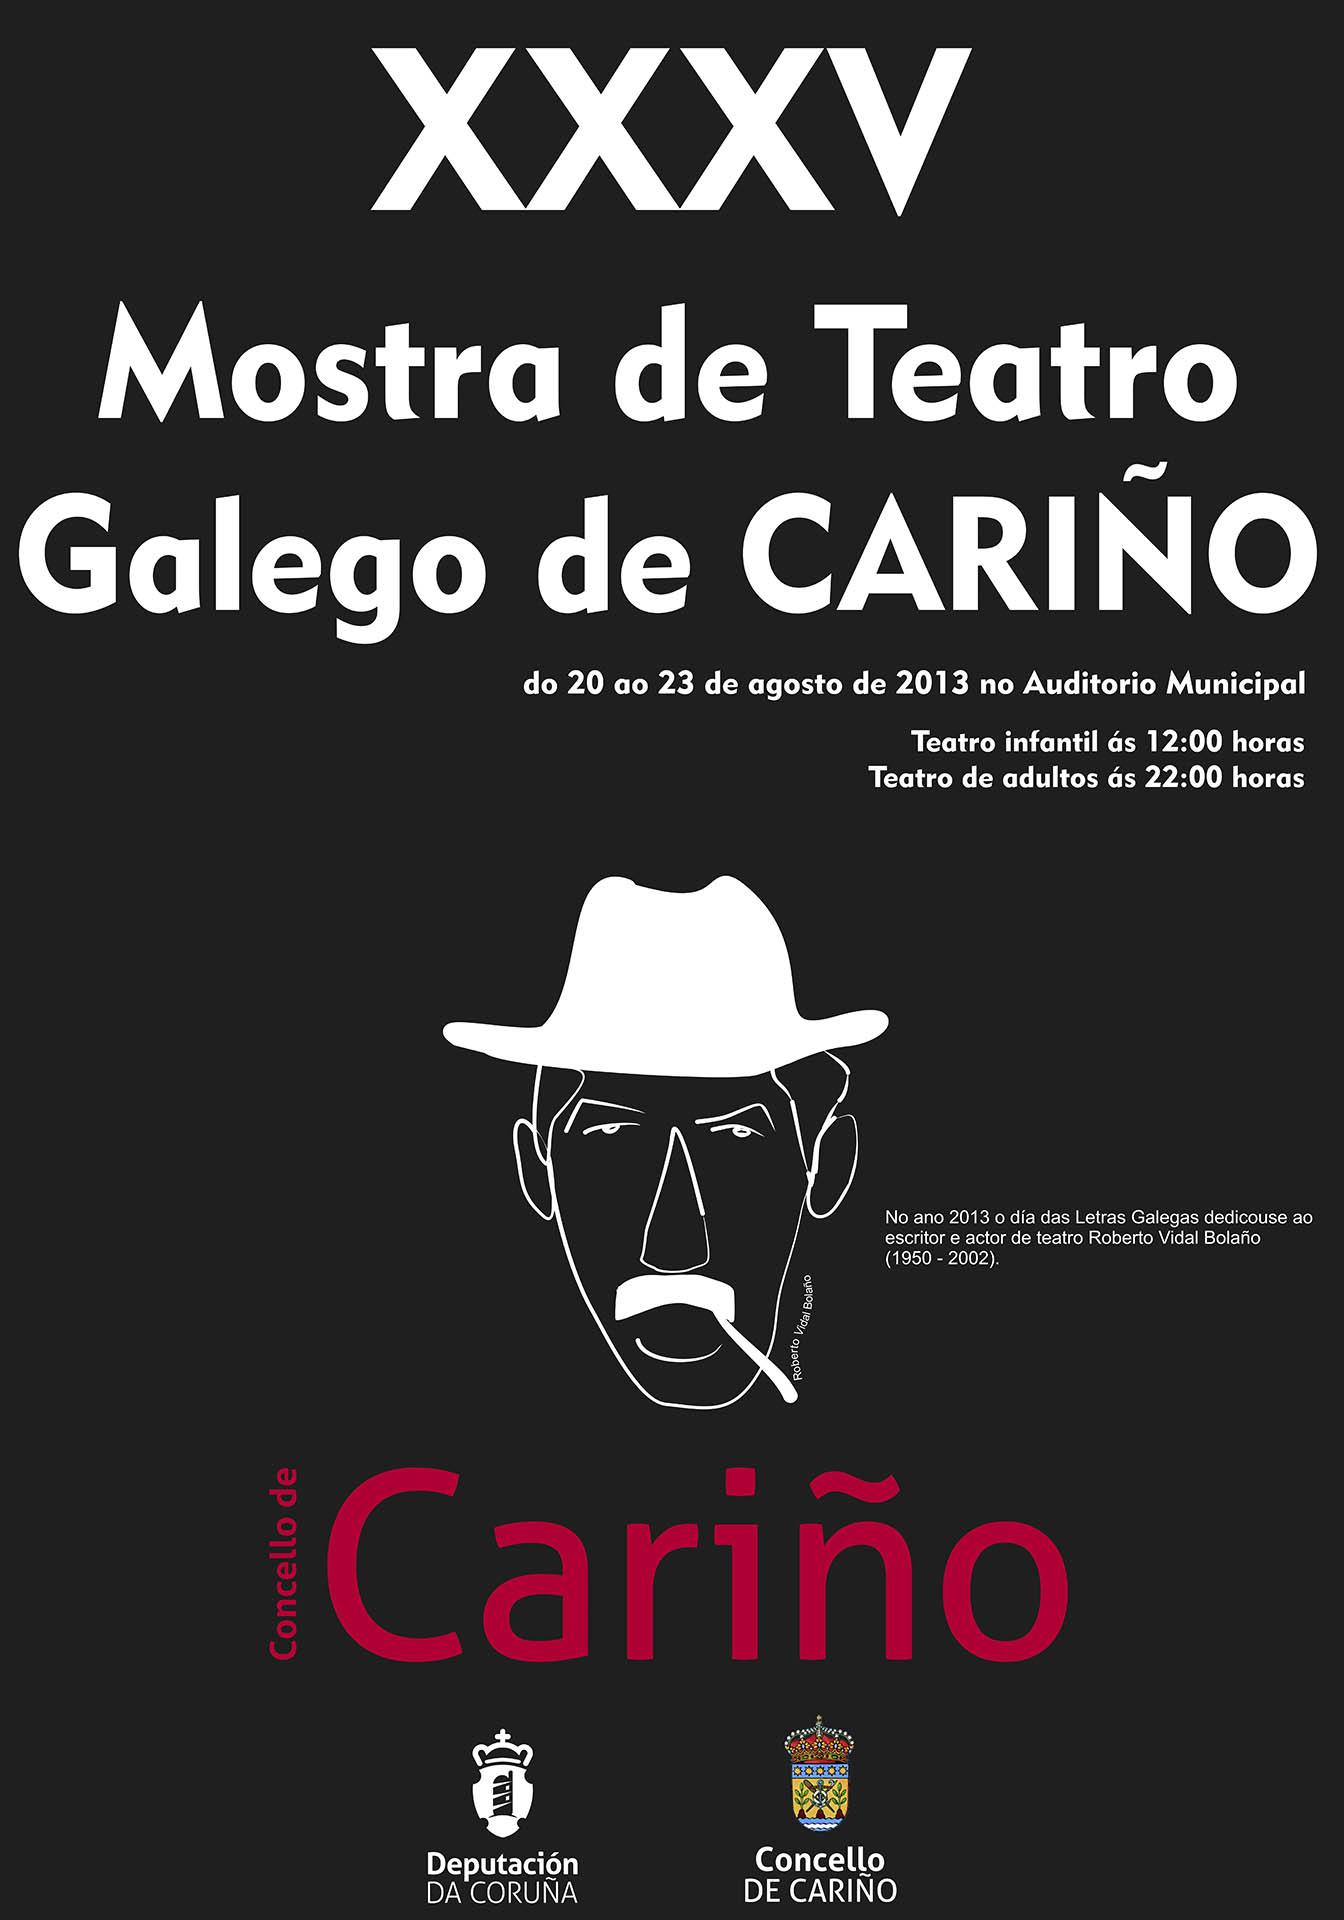 Mostra Teatro Galego de Cariño